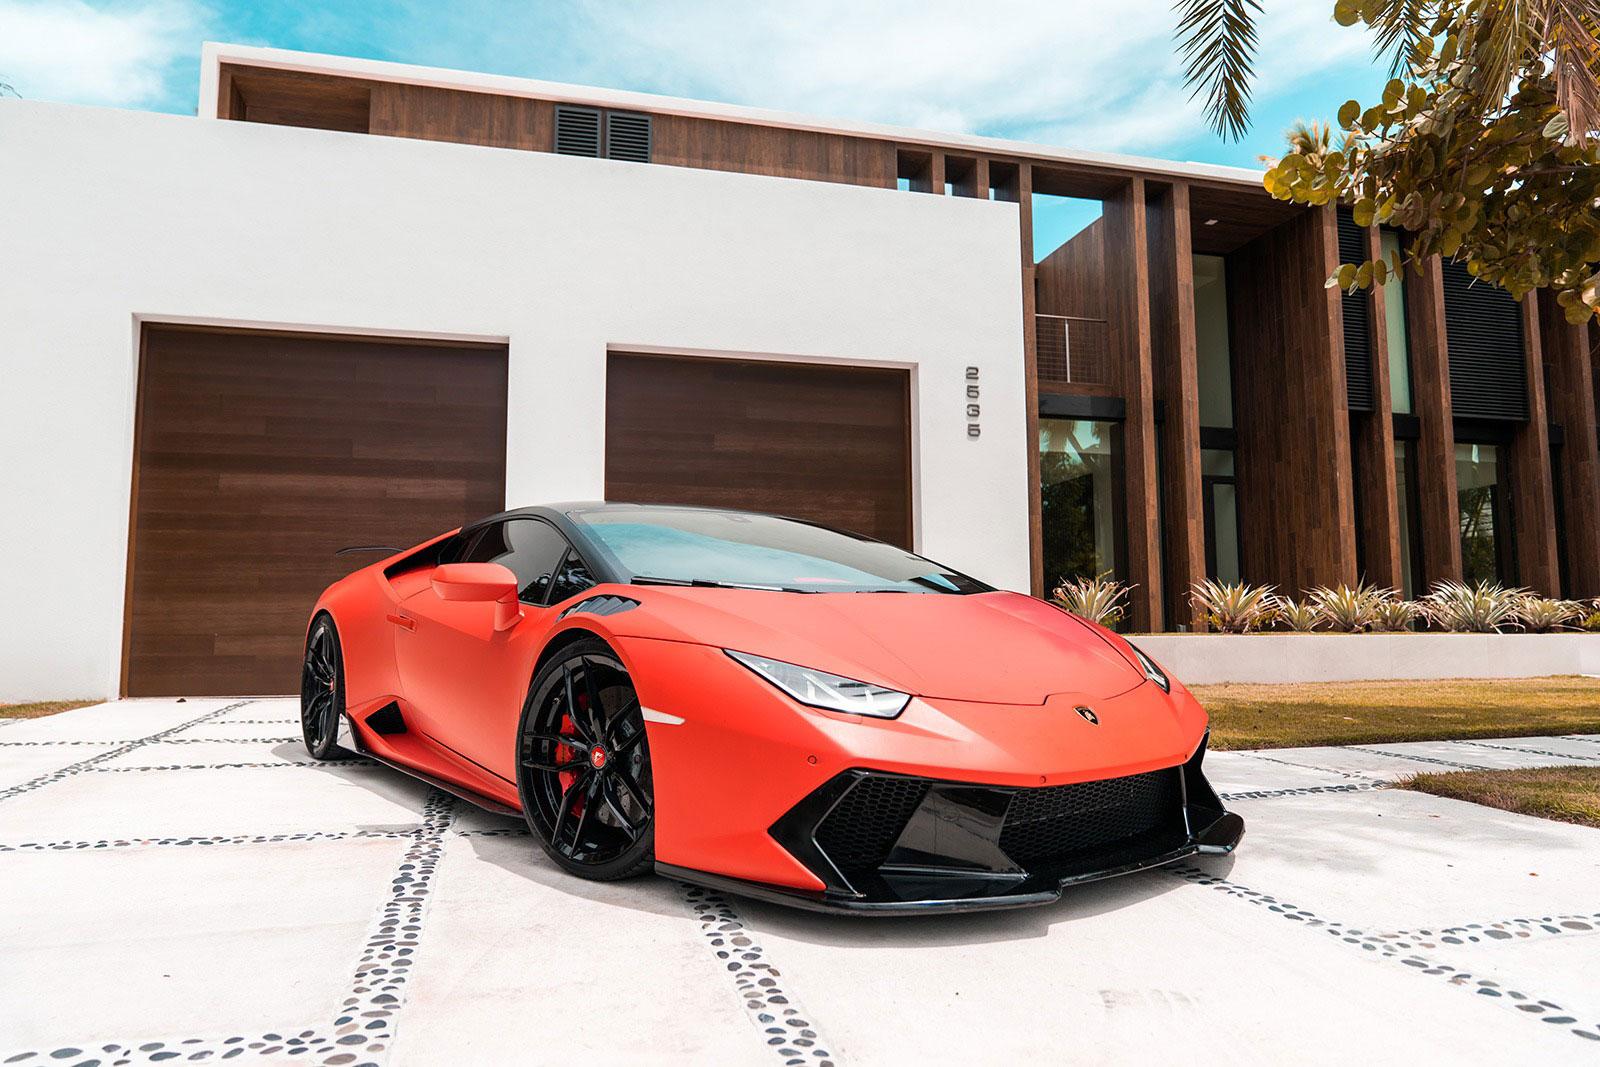 2017 Lamborghini Huracan Vorsteiner